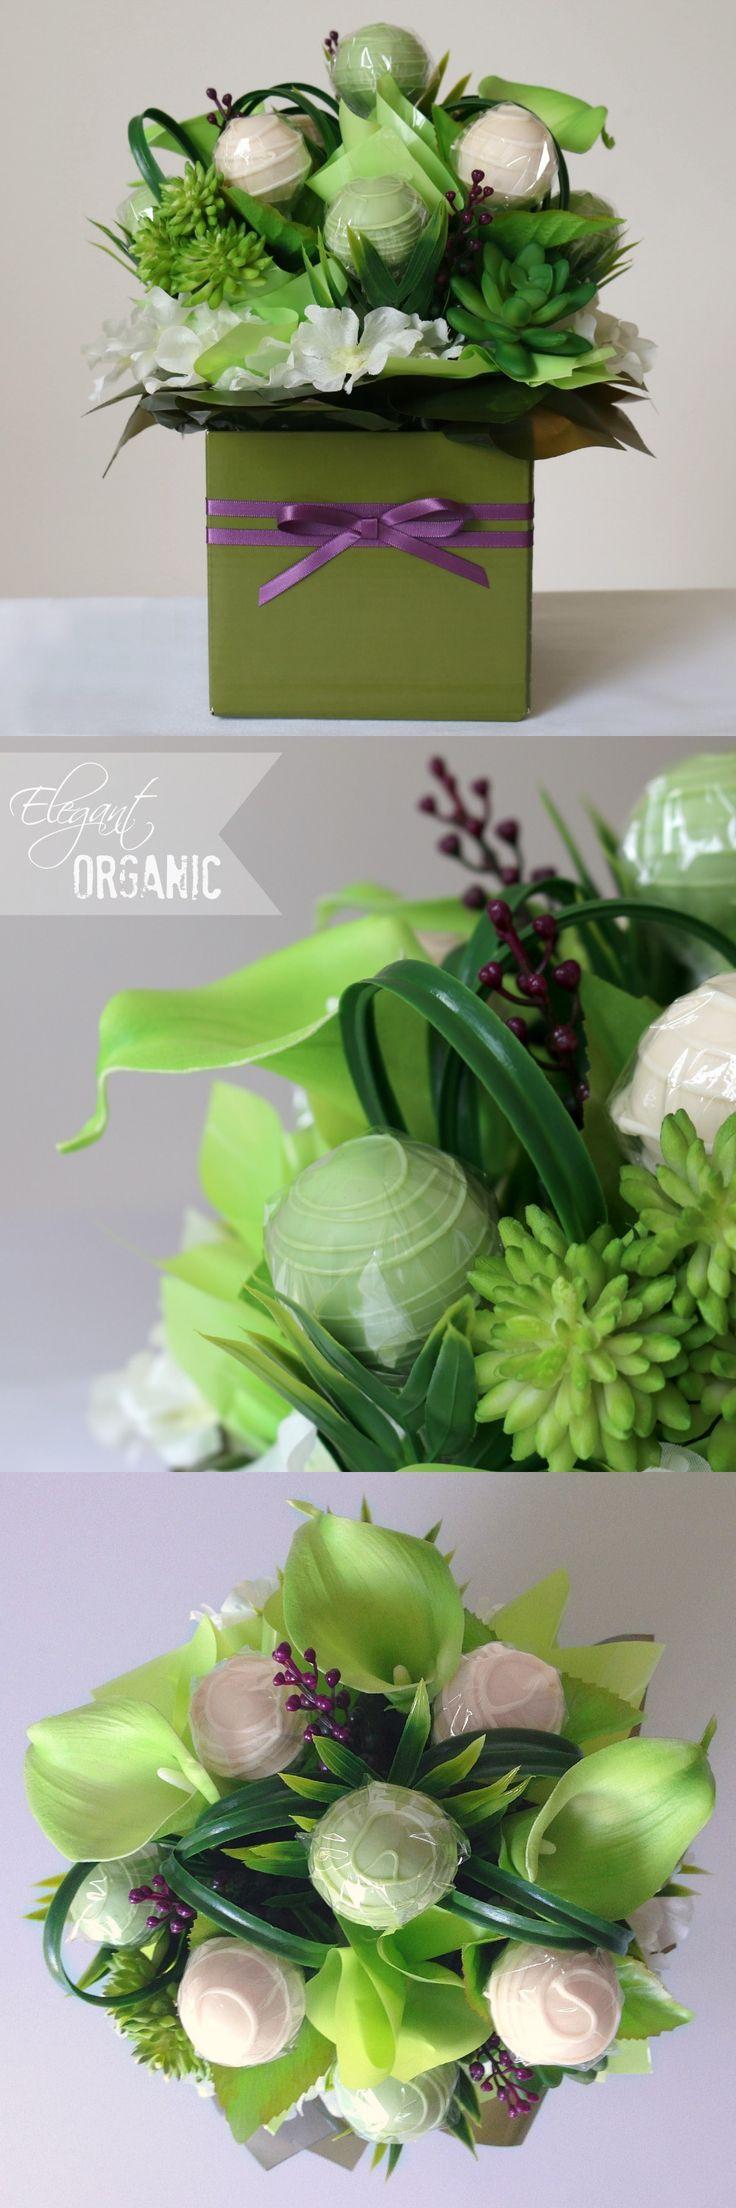 ELEGANT ORGANIC Cake Pops Floral Arrangement | Bouquet | Gift posie box | 9 set. Succulents | Calla Lilies | Plum Berries https://www.etsy.com/au/listing/202998442/elegant-organic-cake-pops-floral?ref=listing-shop-header-0